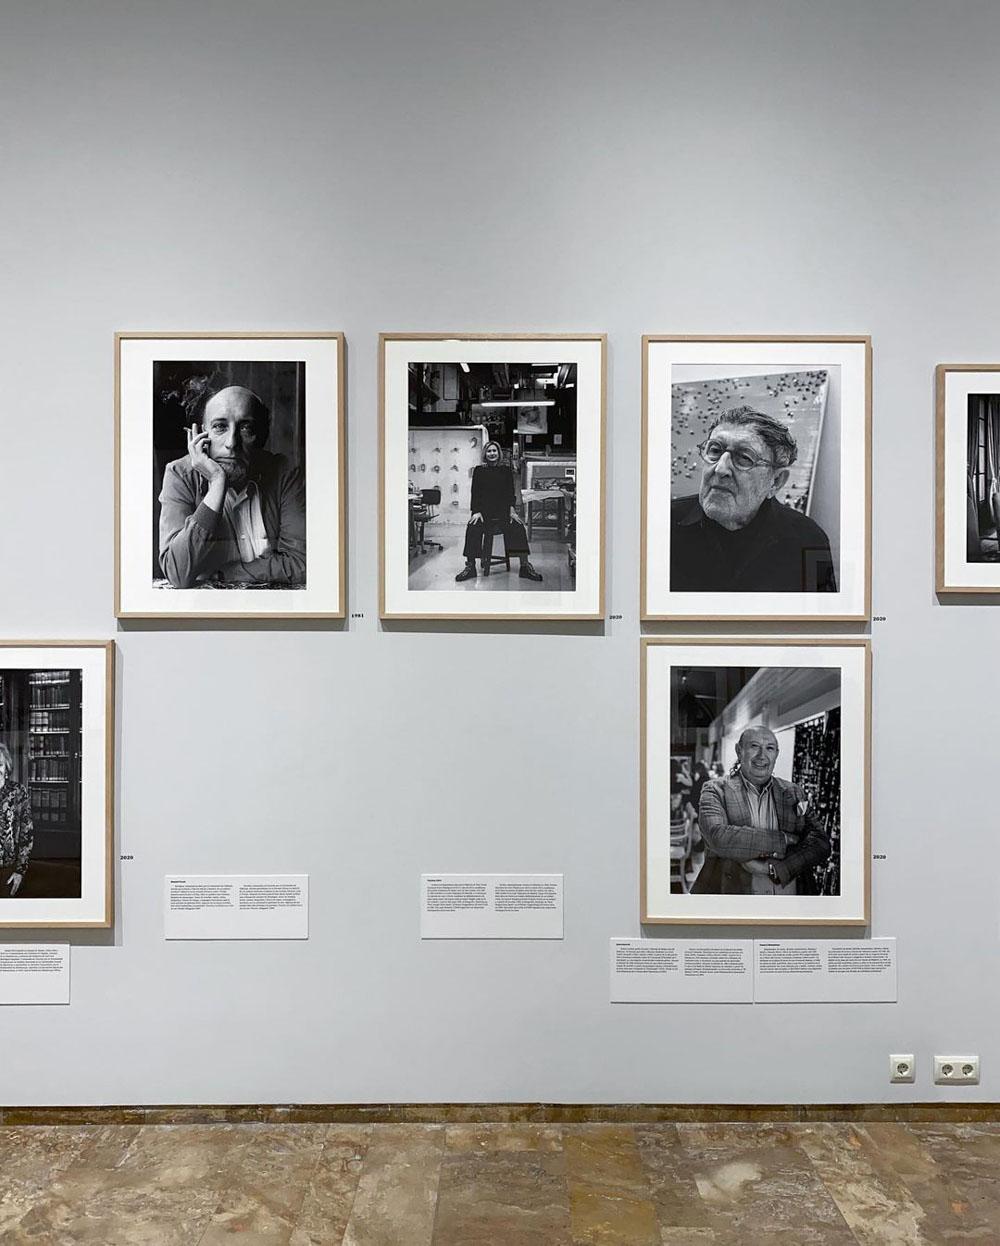 Las caras del tiempo. Ricardo Martín. La Nau. Estudio Paco Mora.